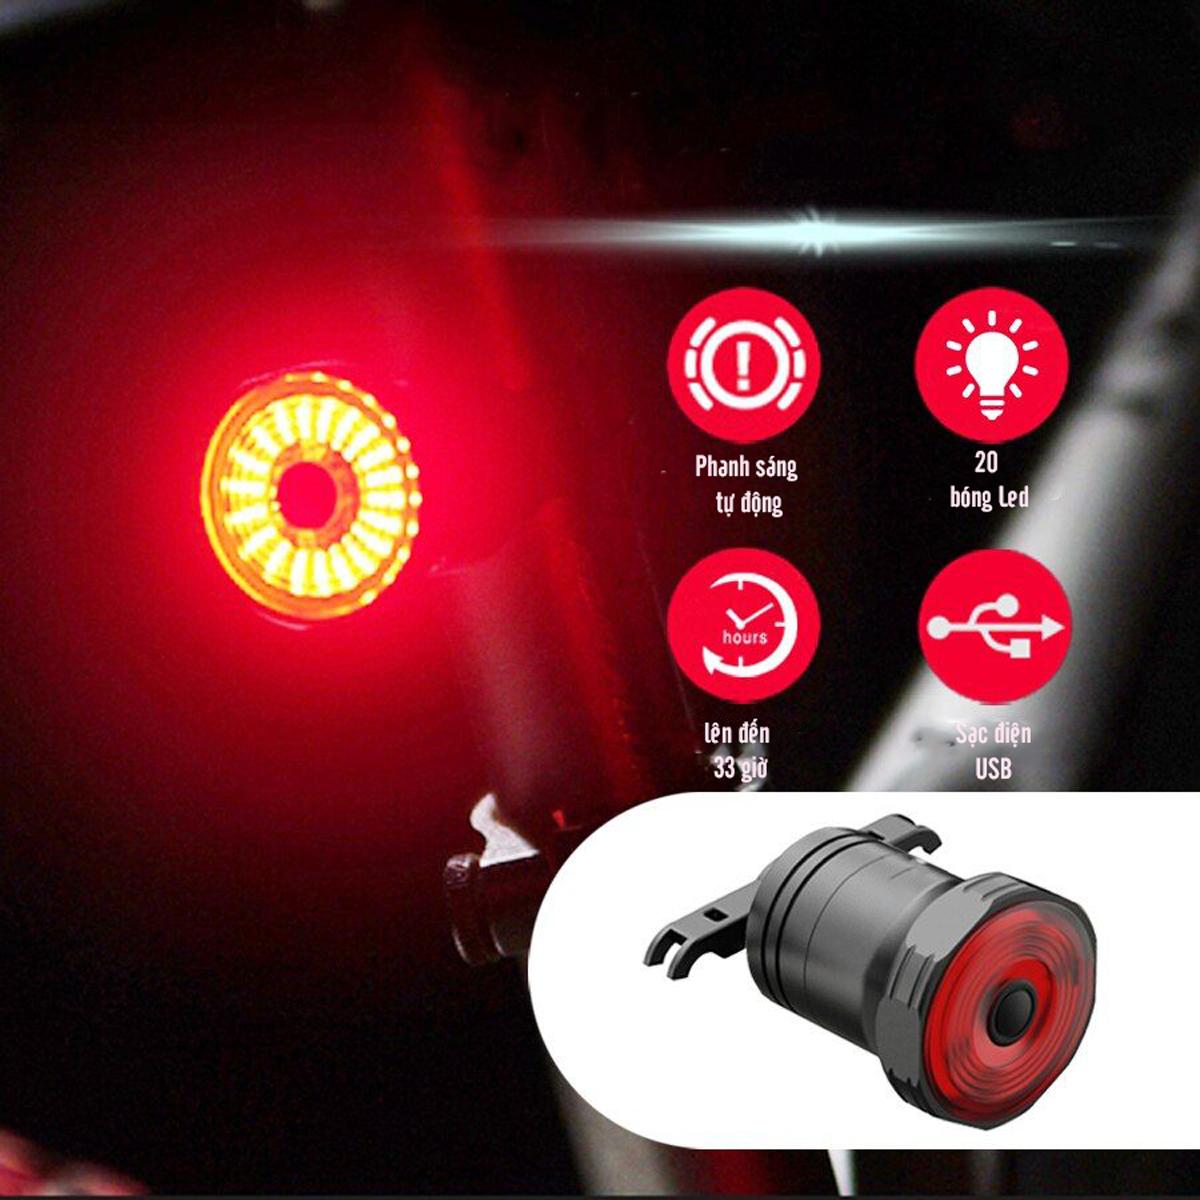 Đèn Đuôi LED Xe Đạp Thông Minh Cảnh Báo Ban Đêm Có Cảm Biến Chuyển Động Và Báo Đèn Khi Phanh Xe Chống Nước Sạc Điện USB MAILEE - Hàng Chính Hãng